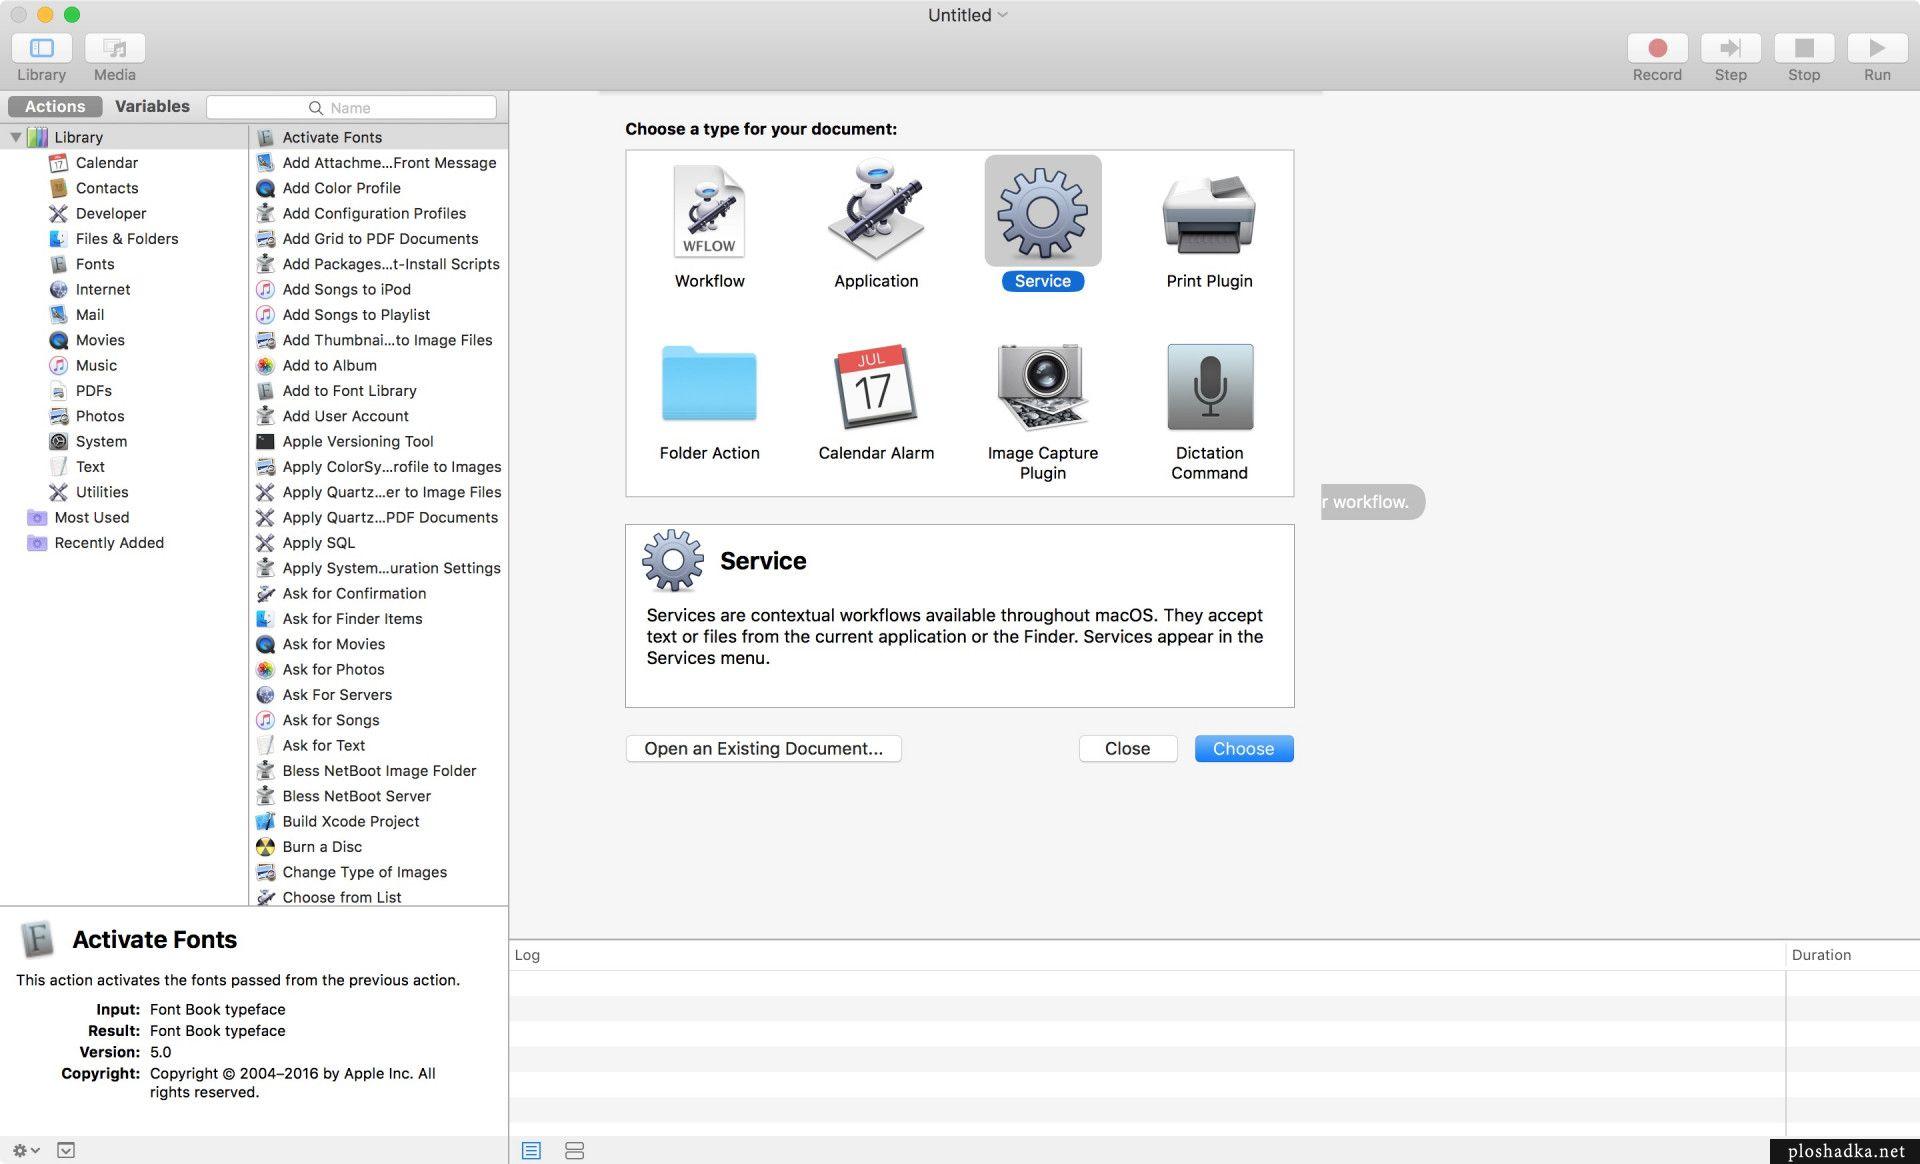 Сочетание клавиш для отправки фото из Finder в Photos на Mac OS